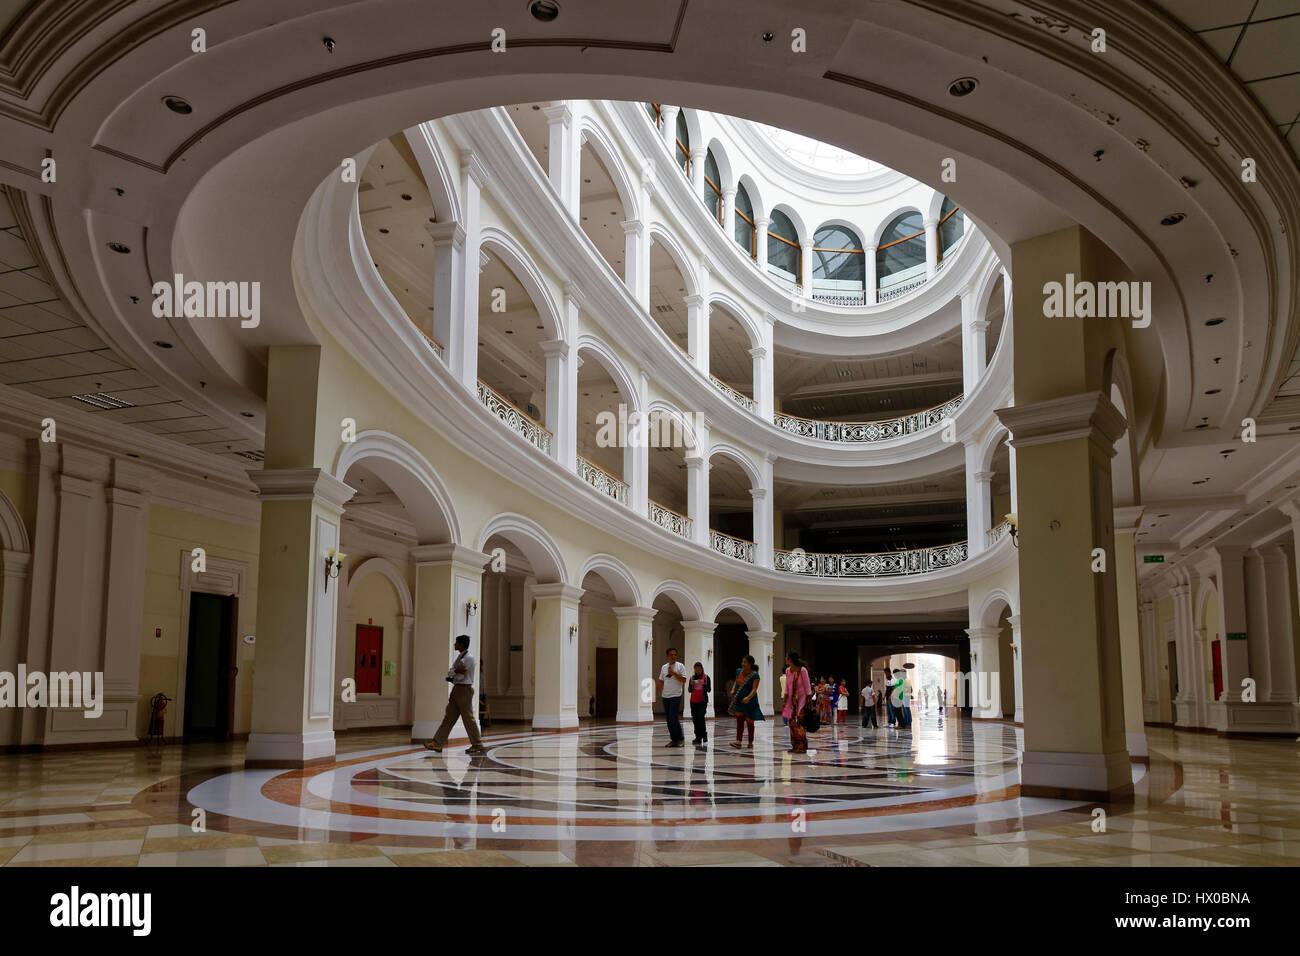 All'interno del campus di Infosys a Mysore, Karnataka, India Immagini Stock